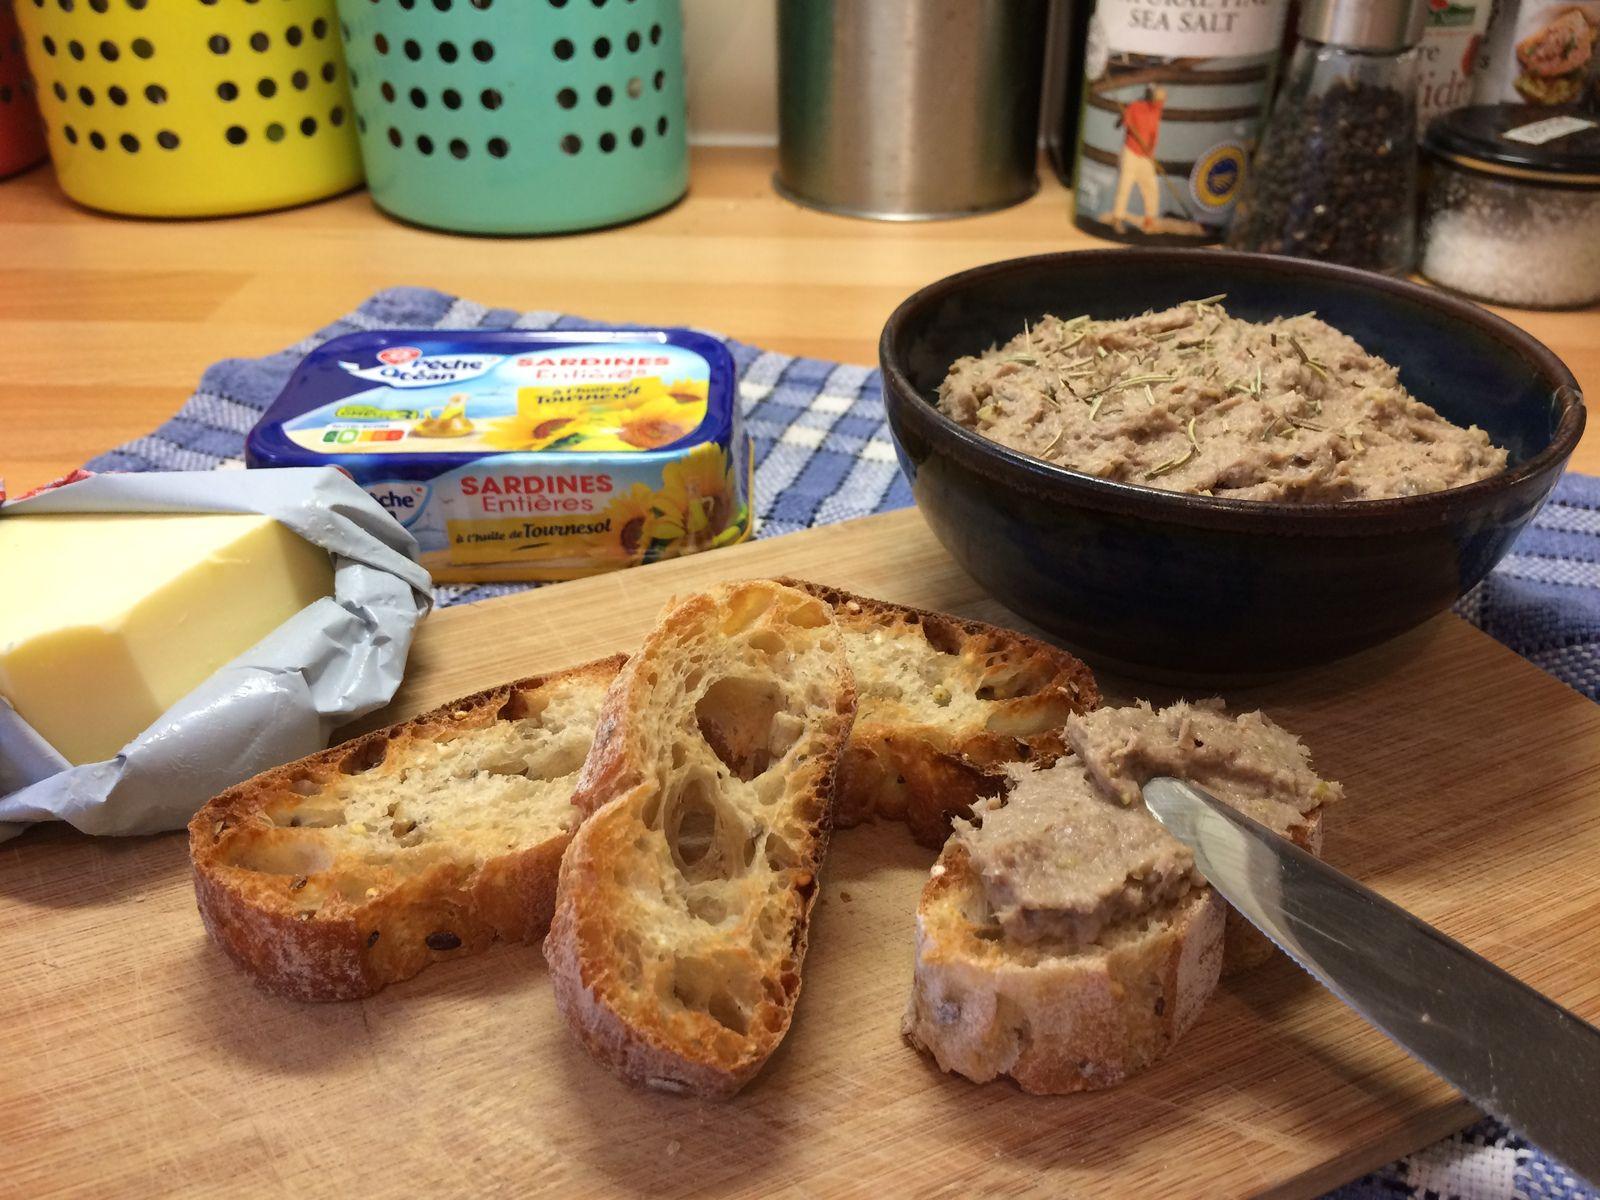 J'aime déguster ces rillettes sur du pain grillé, avec éventuellement un peu de beurre. Elles peuvent aussi s'agrémenter de persil ou de ciboulette hachés pour plus de fraîcheur, et feront dans tous les cas l'unanimité !